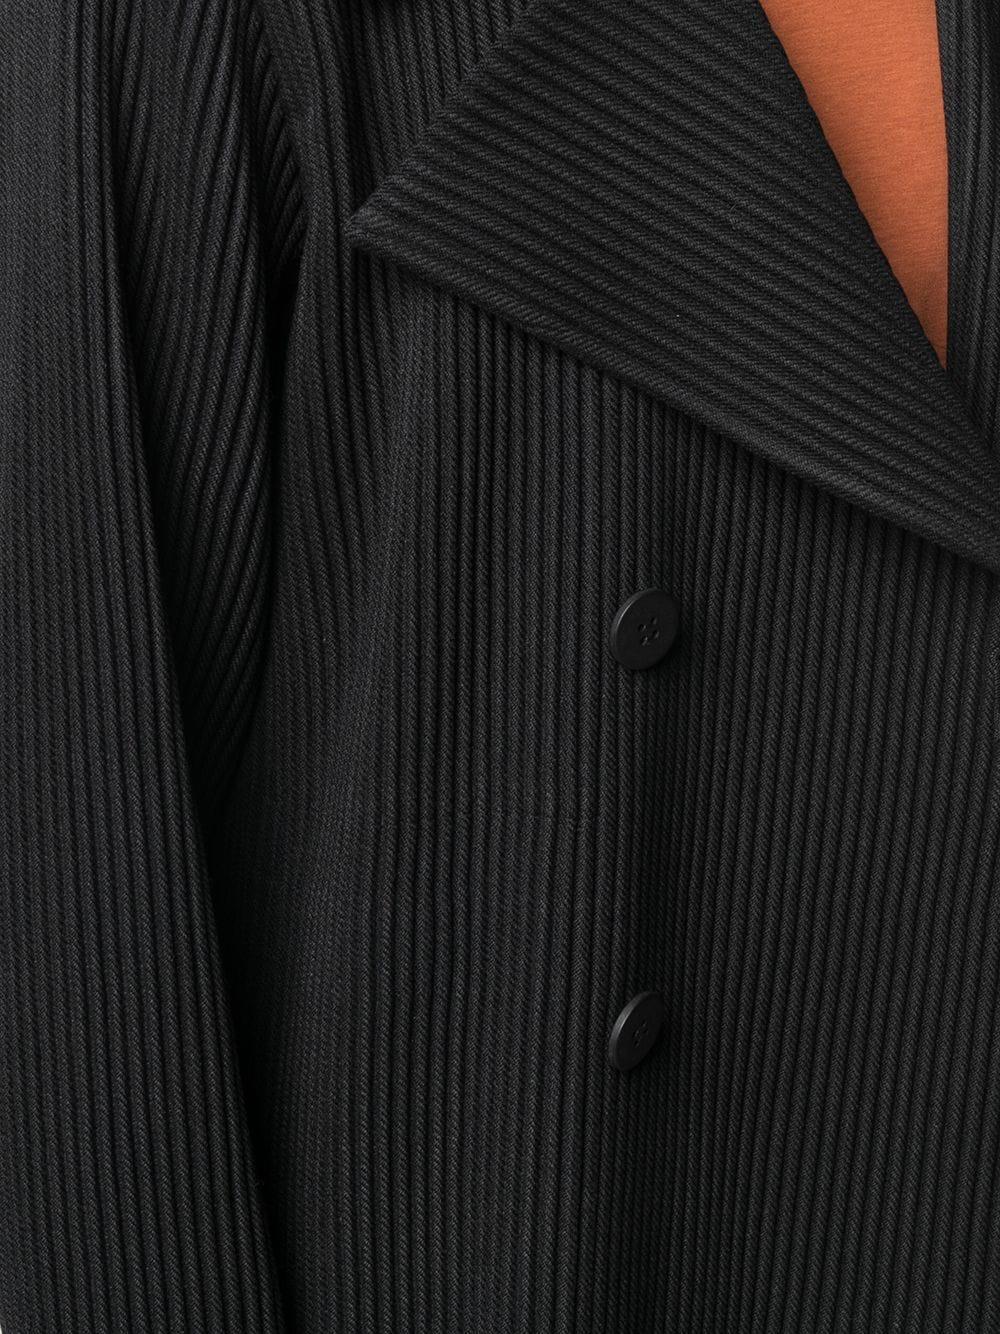 Cappotto doppiopetto plissettato HOMME PLISSE | Cappotto | HP08FA00715